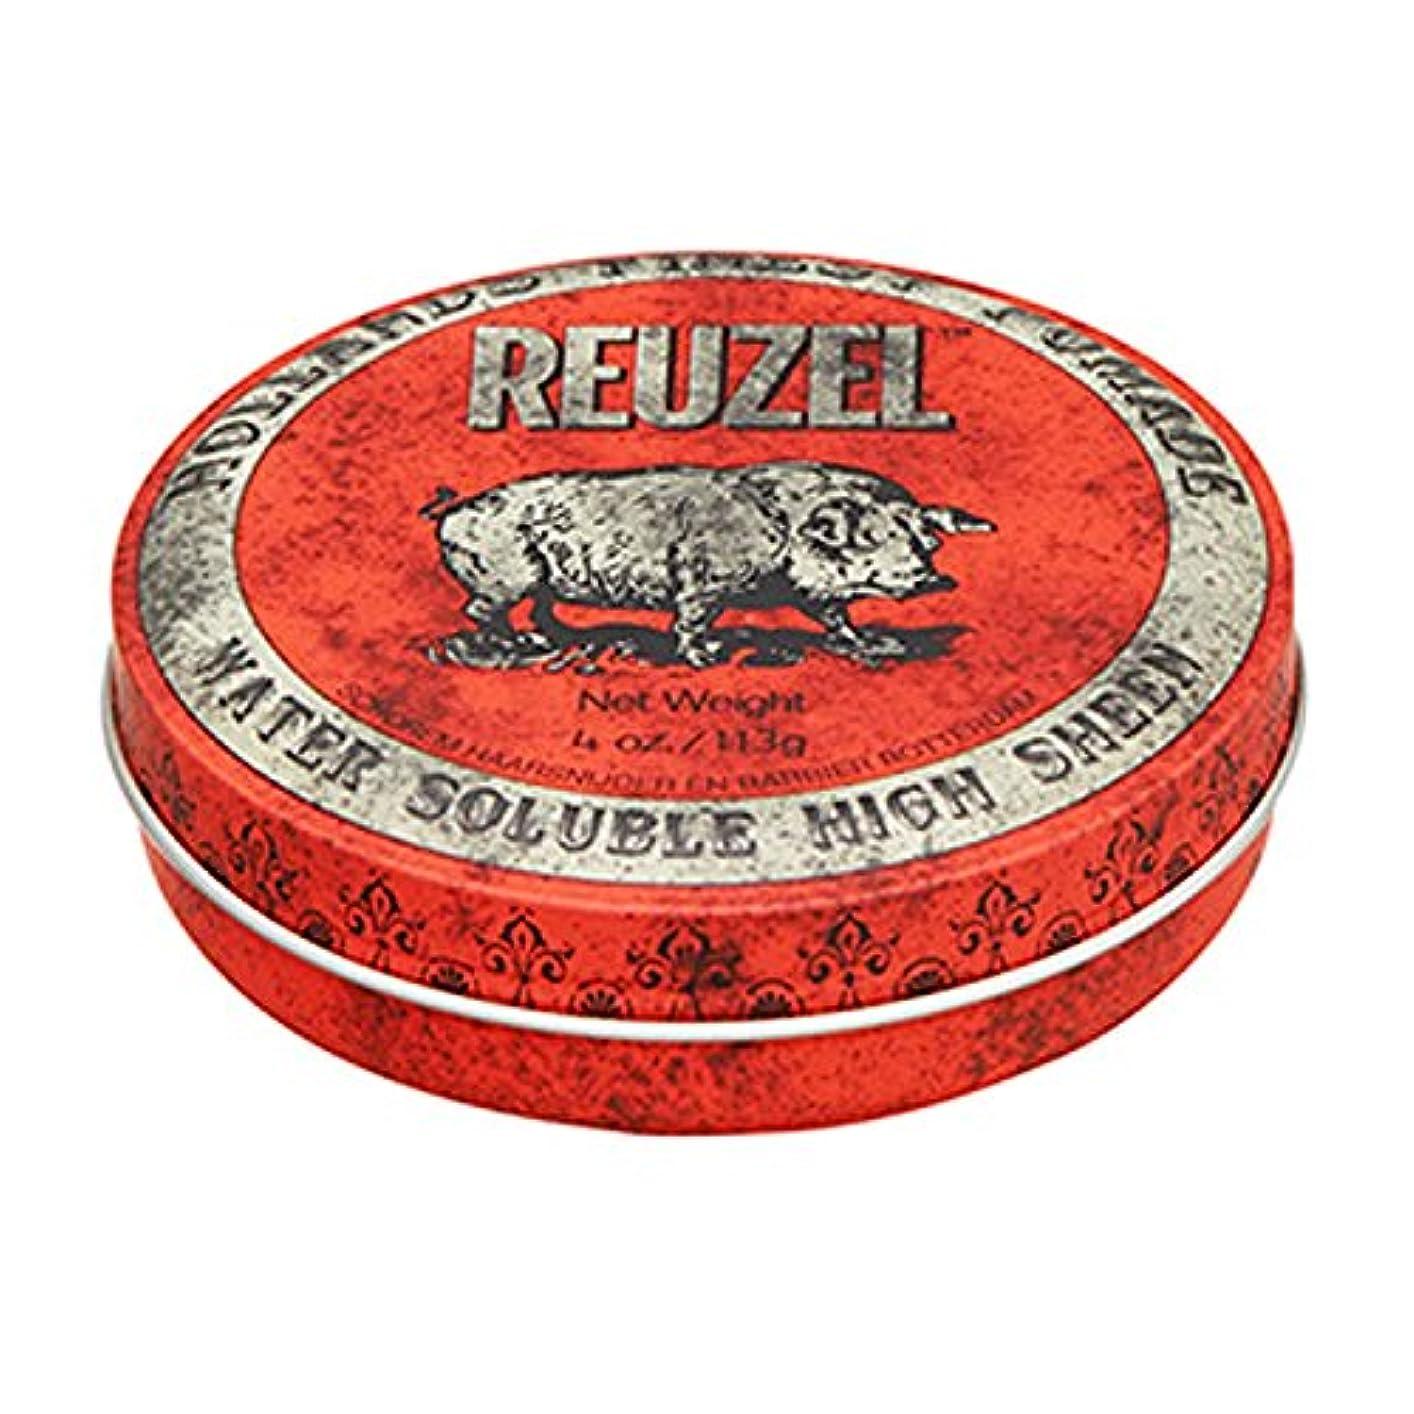 委員長詩物理的にルーゾー REUZEL HIGH SHEEN ノーマルホールド レッド 113g